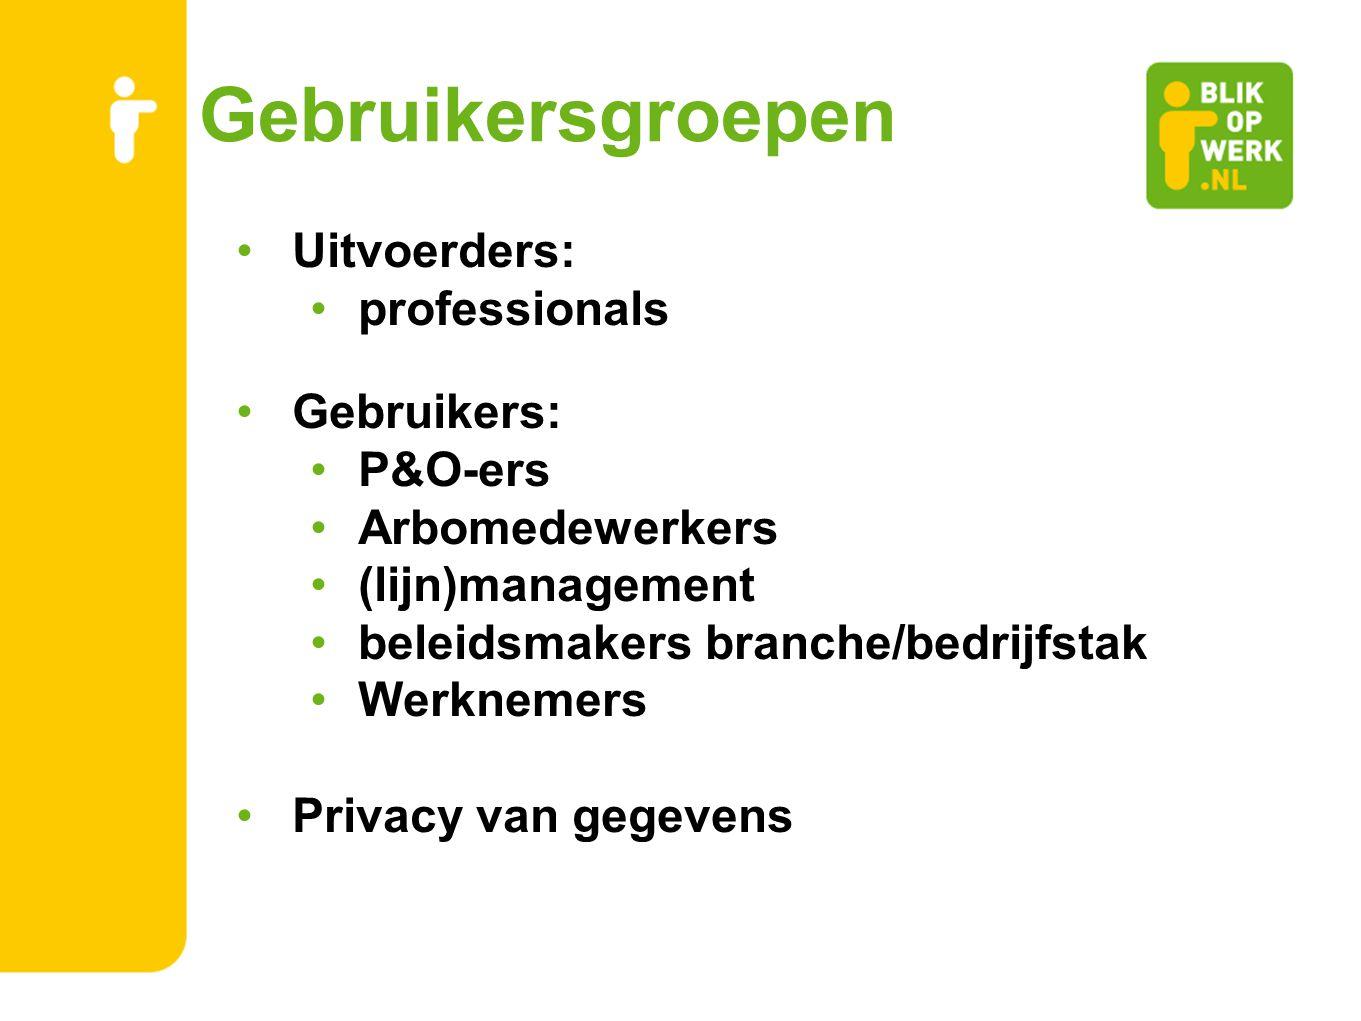 Gebruikersgroepen Uitvoerders: professionals Gebruikers: P&O-ers Arbomedewerkers (lijn)management beleidsmakers branche/bedrijfstak Werknemers Privacy